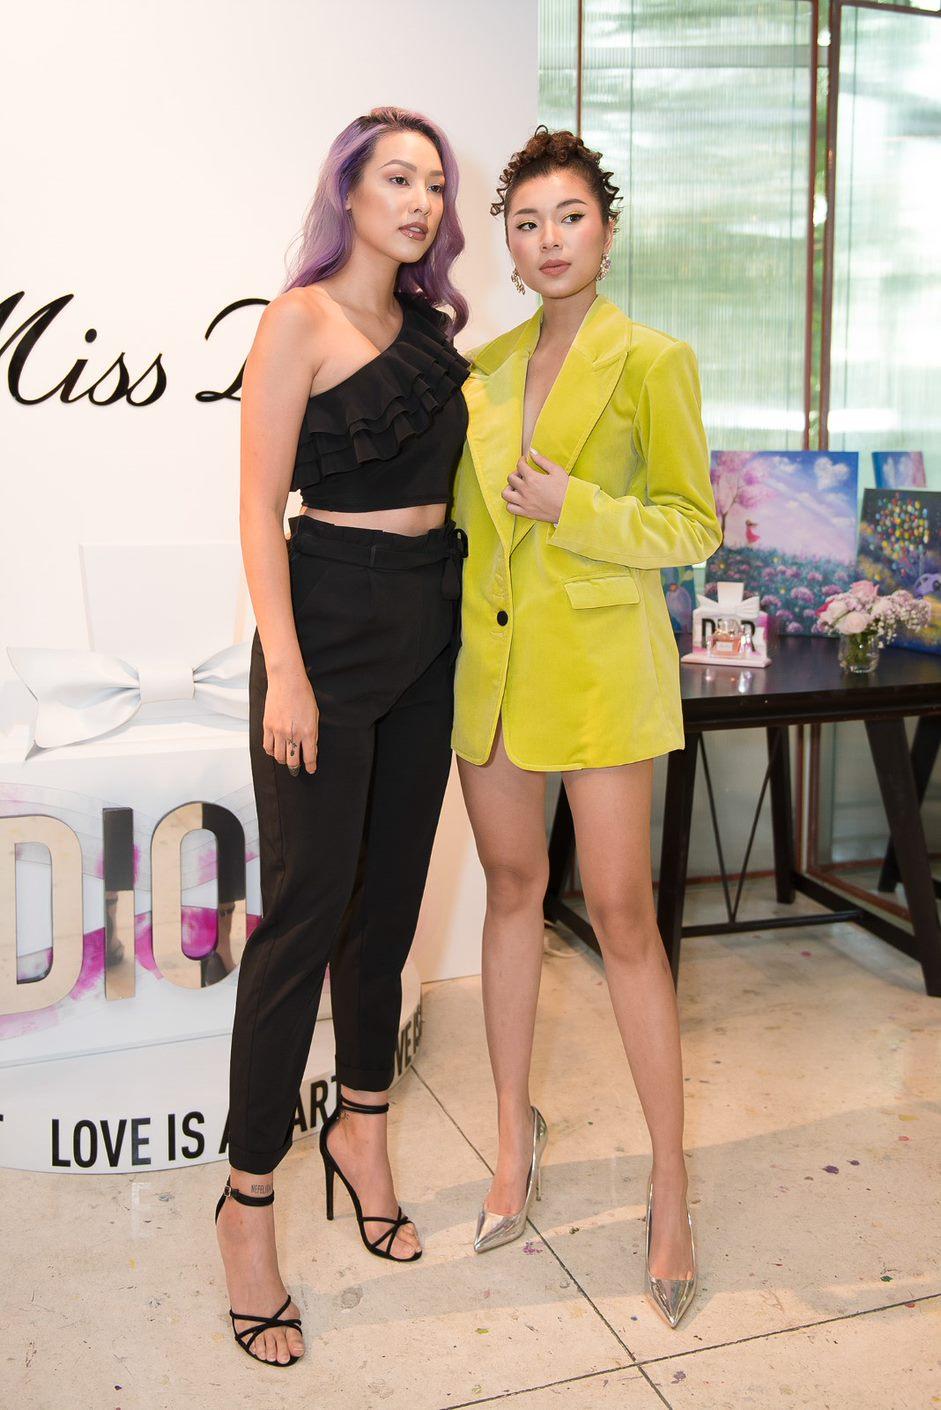 đồng ánh quỳnh Miss Dior